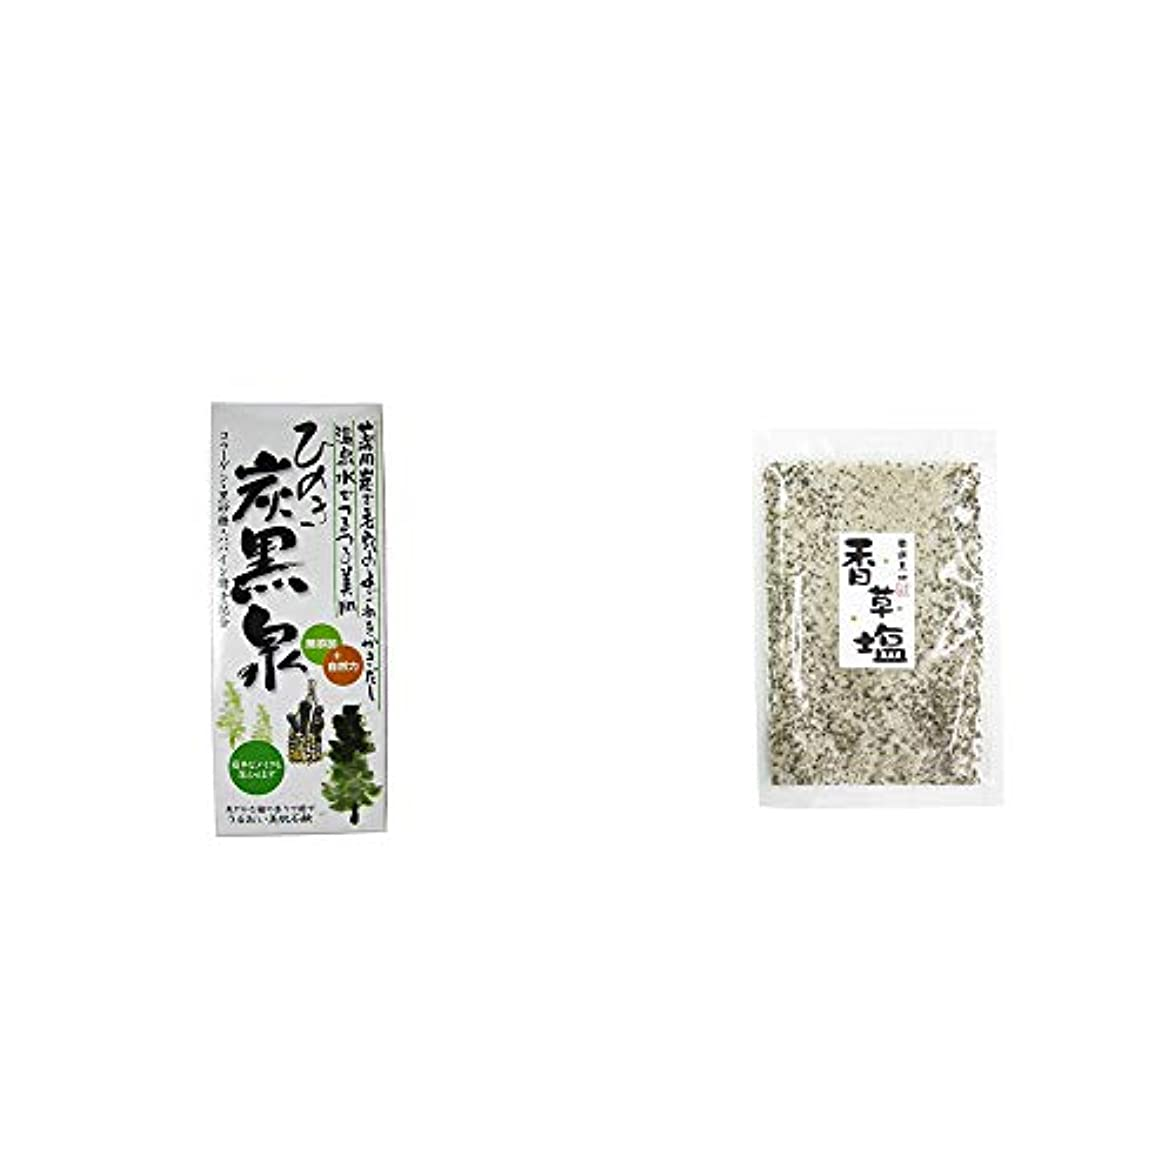 パイル崖ヒョウ[2点セット] ひのき炭黒泉 箱入り(75g×3)?香草塩 [袋タイプ](100g)